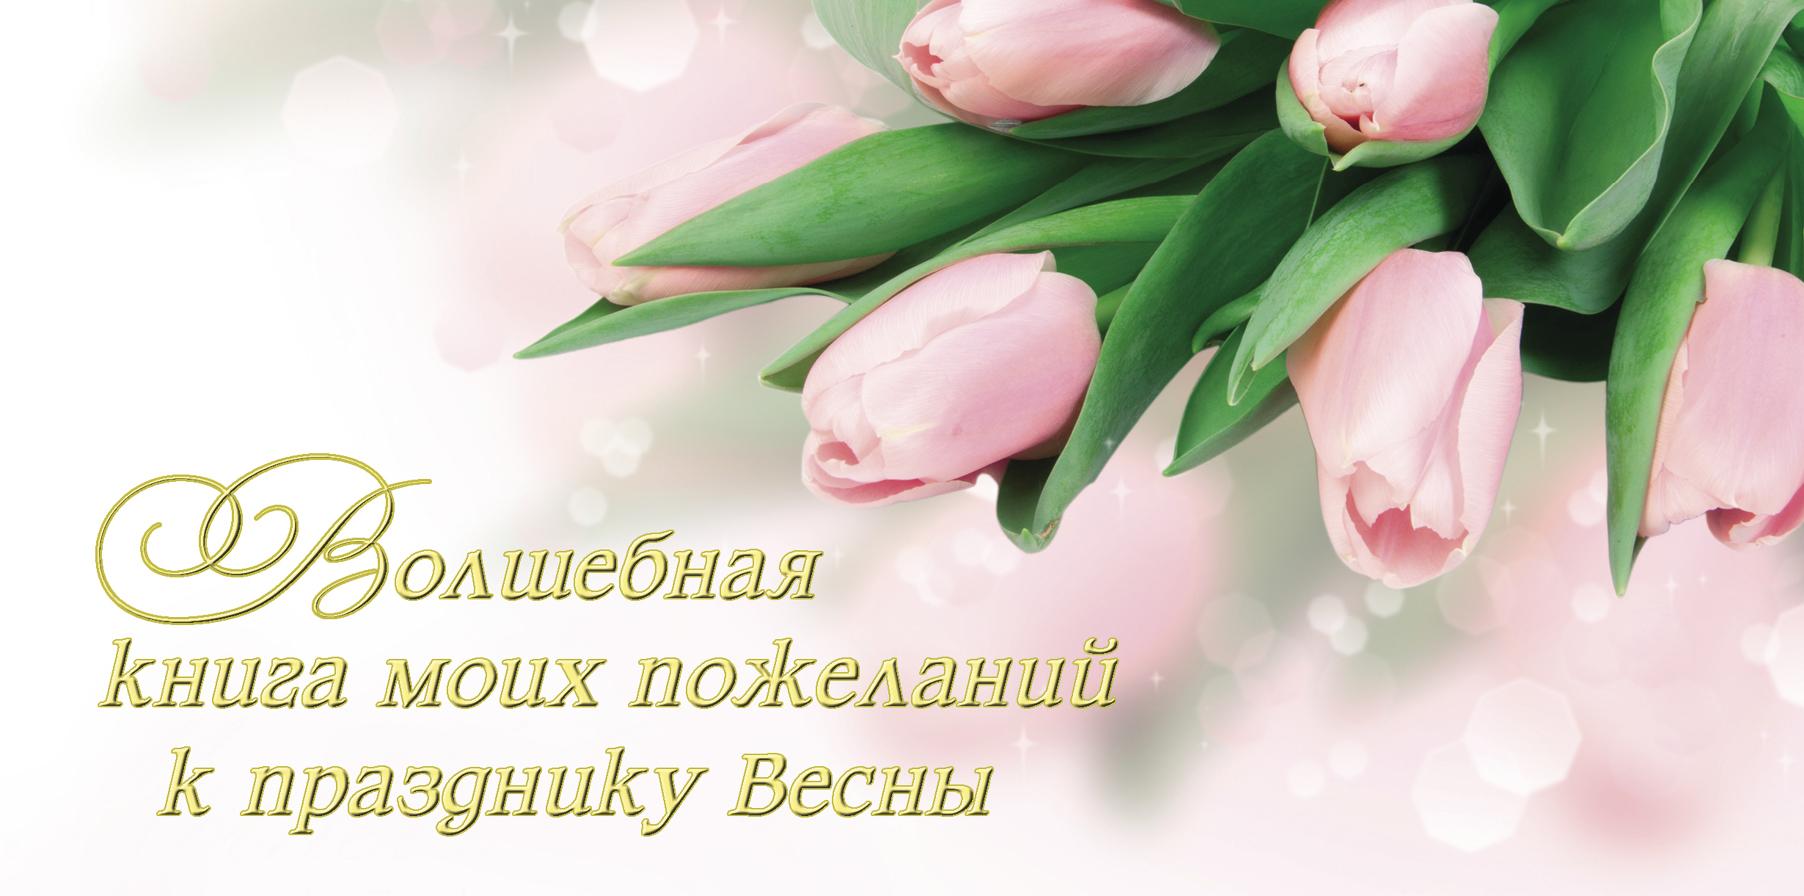 Волшебная книга моих пожеланий к празднику Весны волшебная книга моих пожеланий к новому году